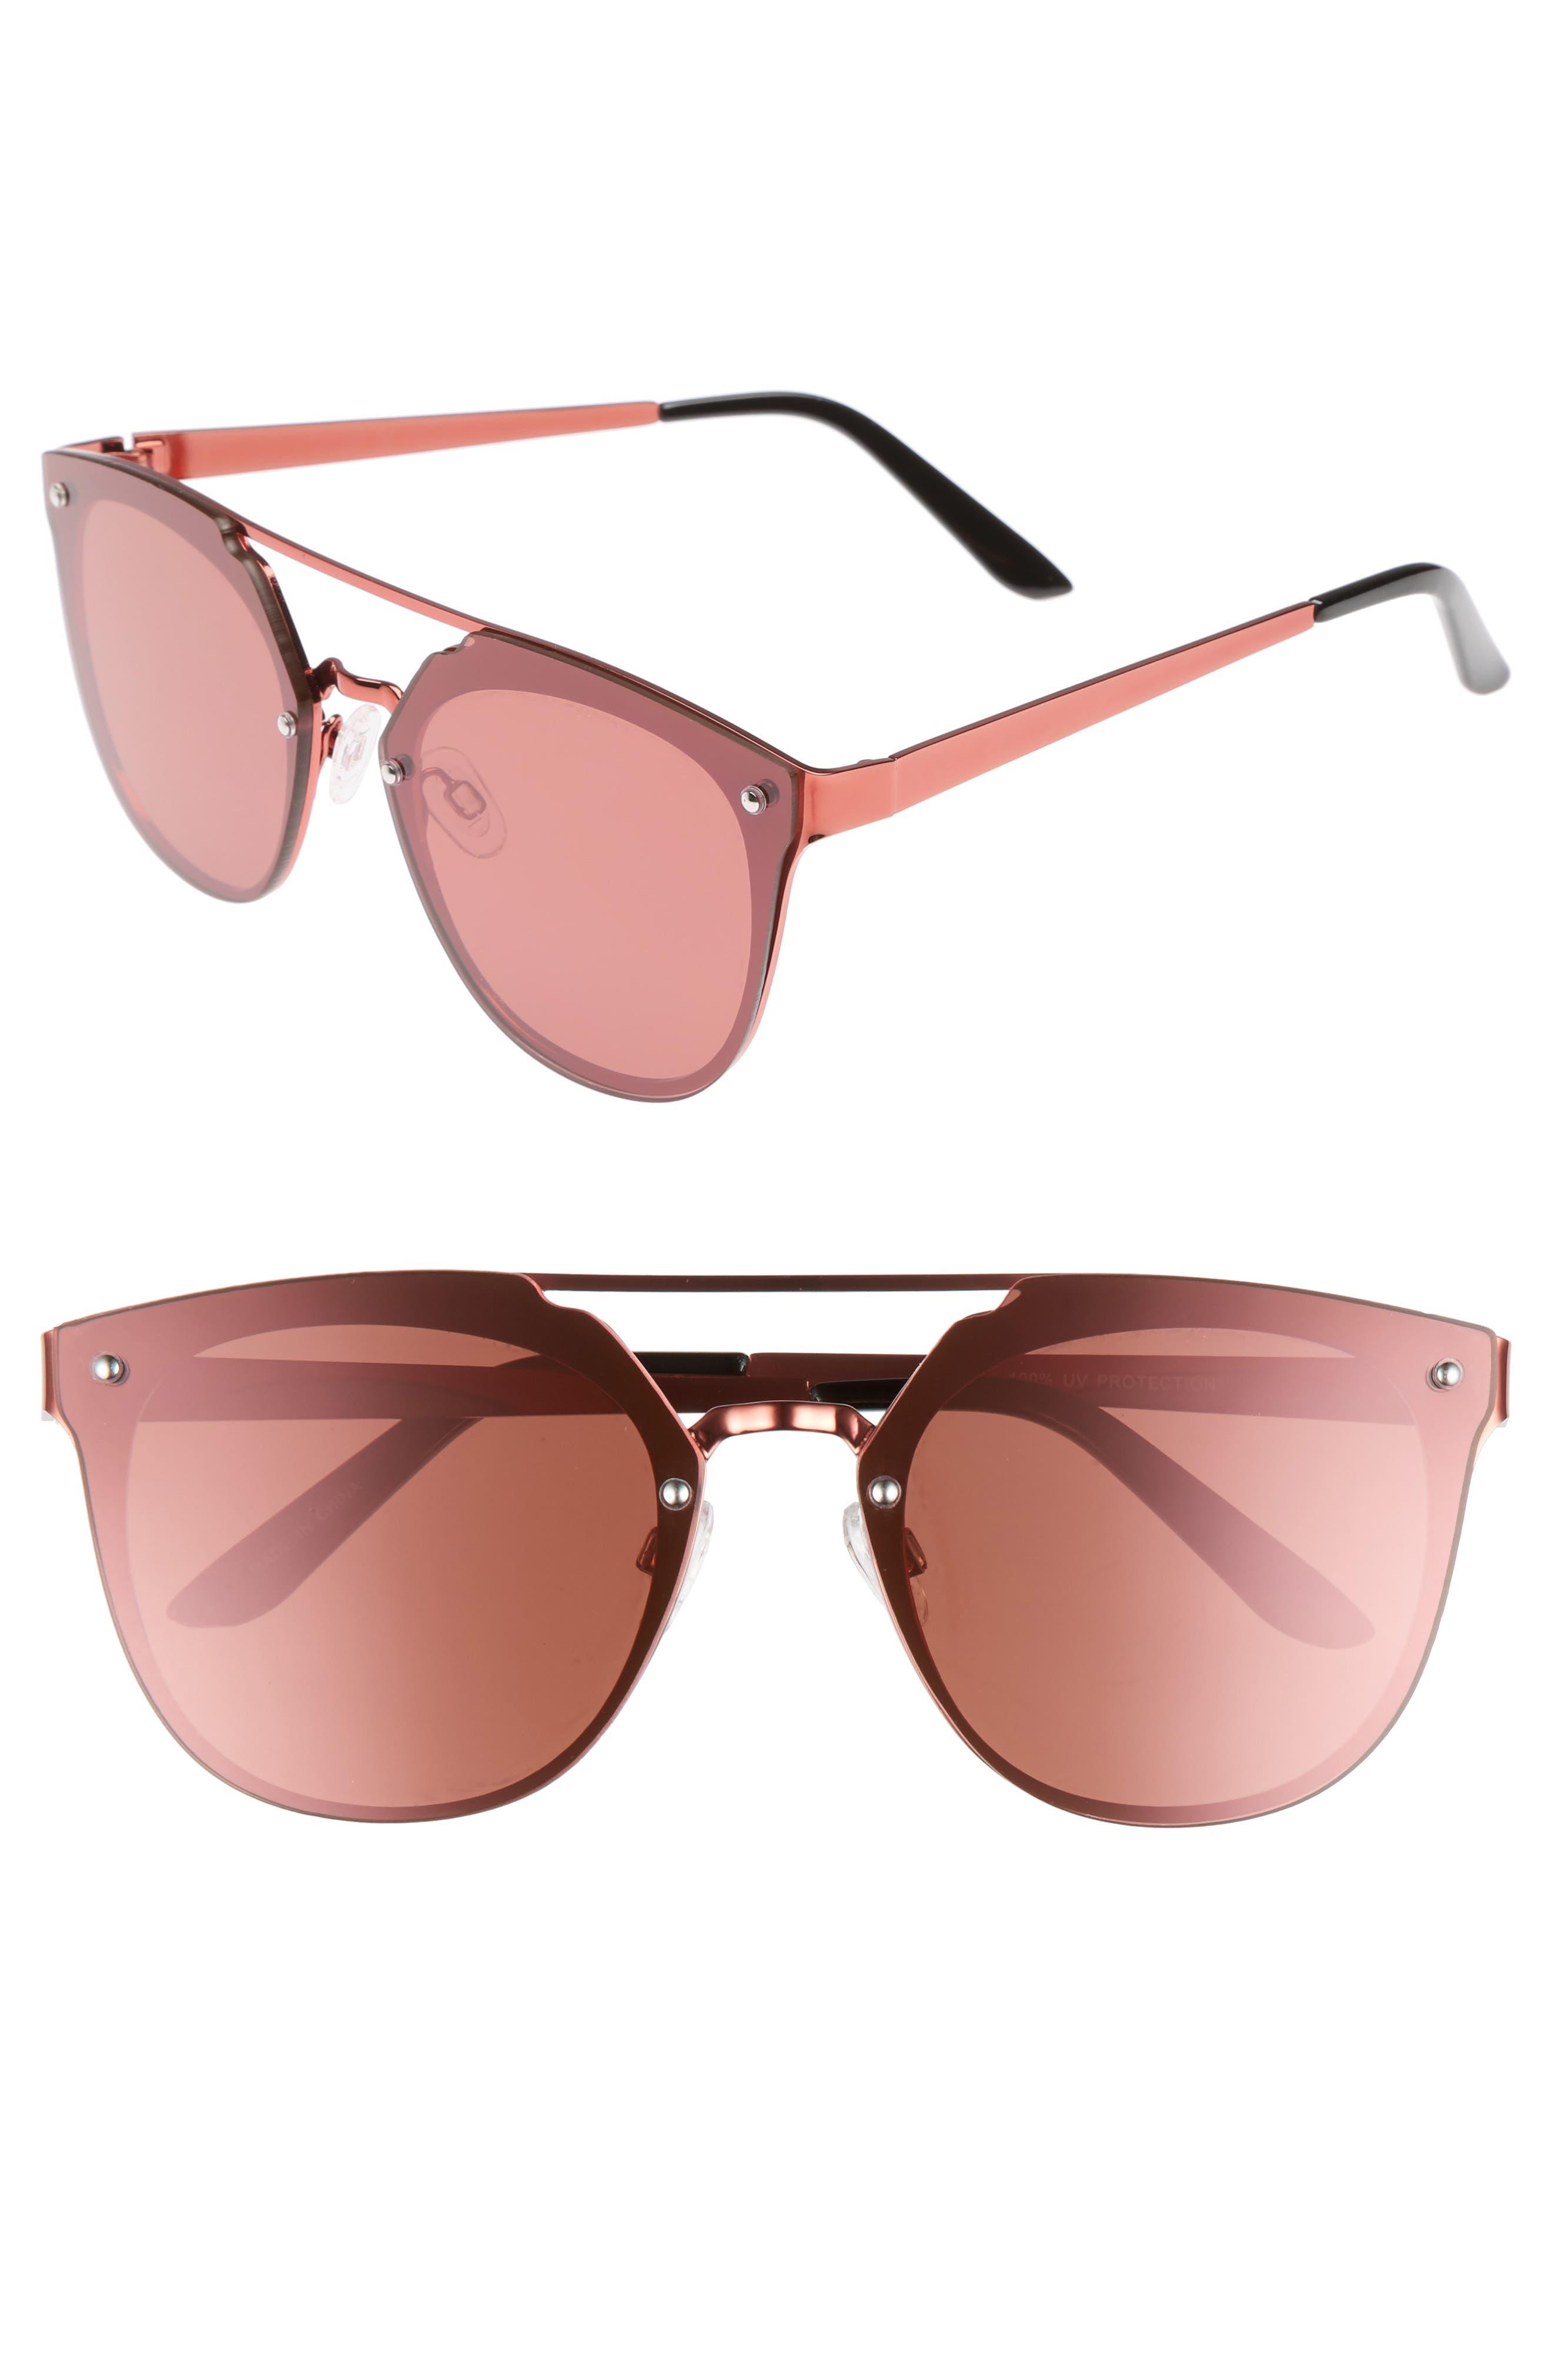 Main Image - Leith Mirrored Aviator Sunglasses